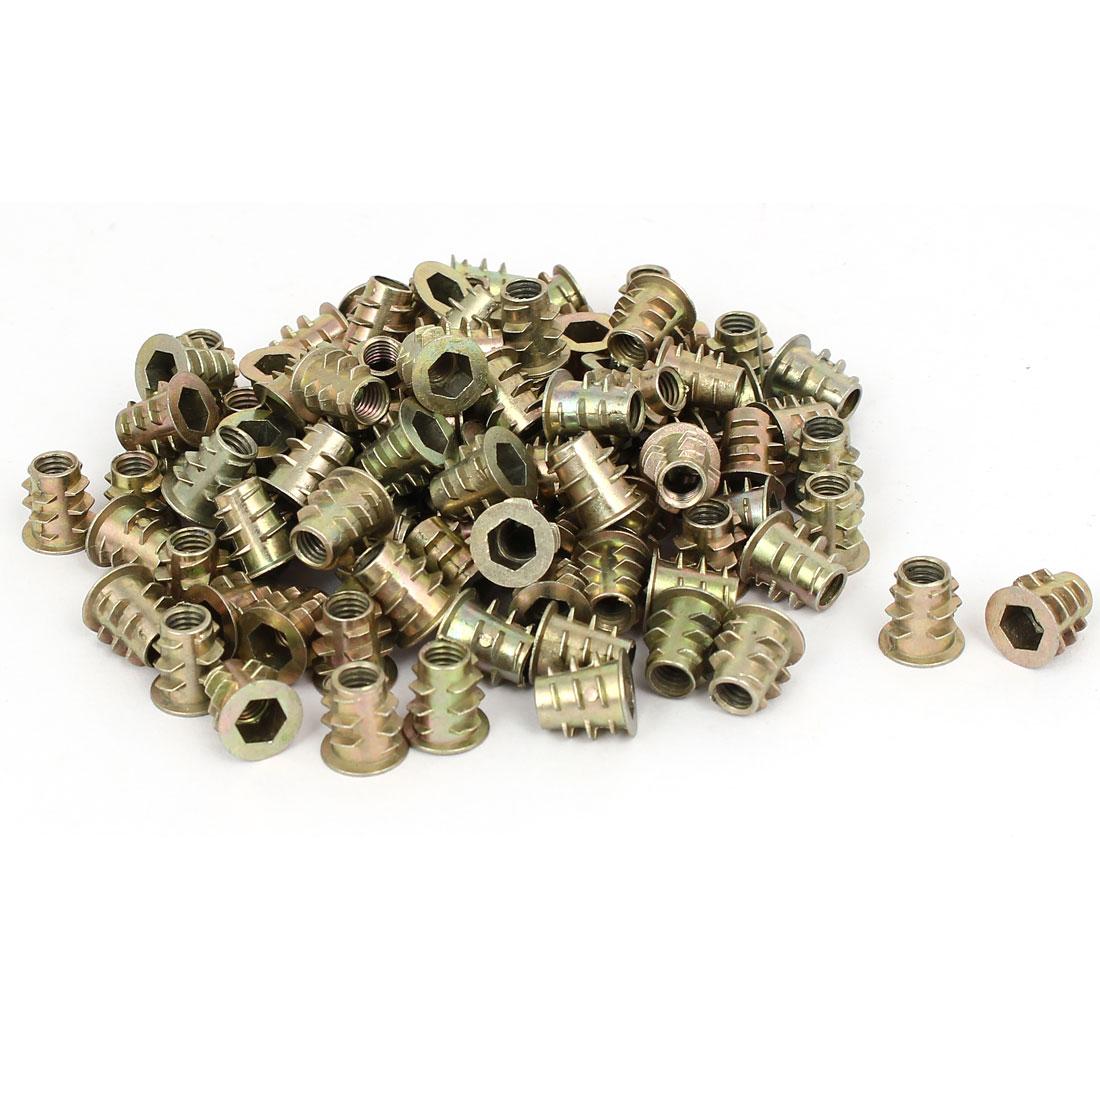 M5 x 10mm Hex Socket Head Insert Screws E-Nuts Furniture Fittings 100pcs